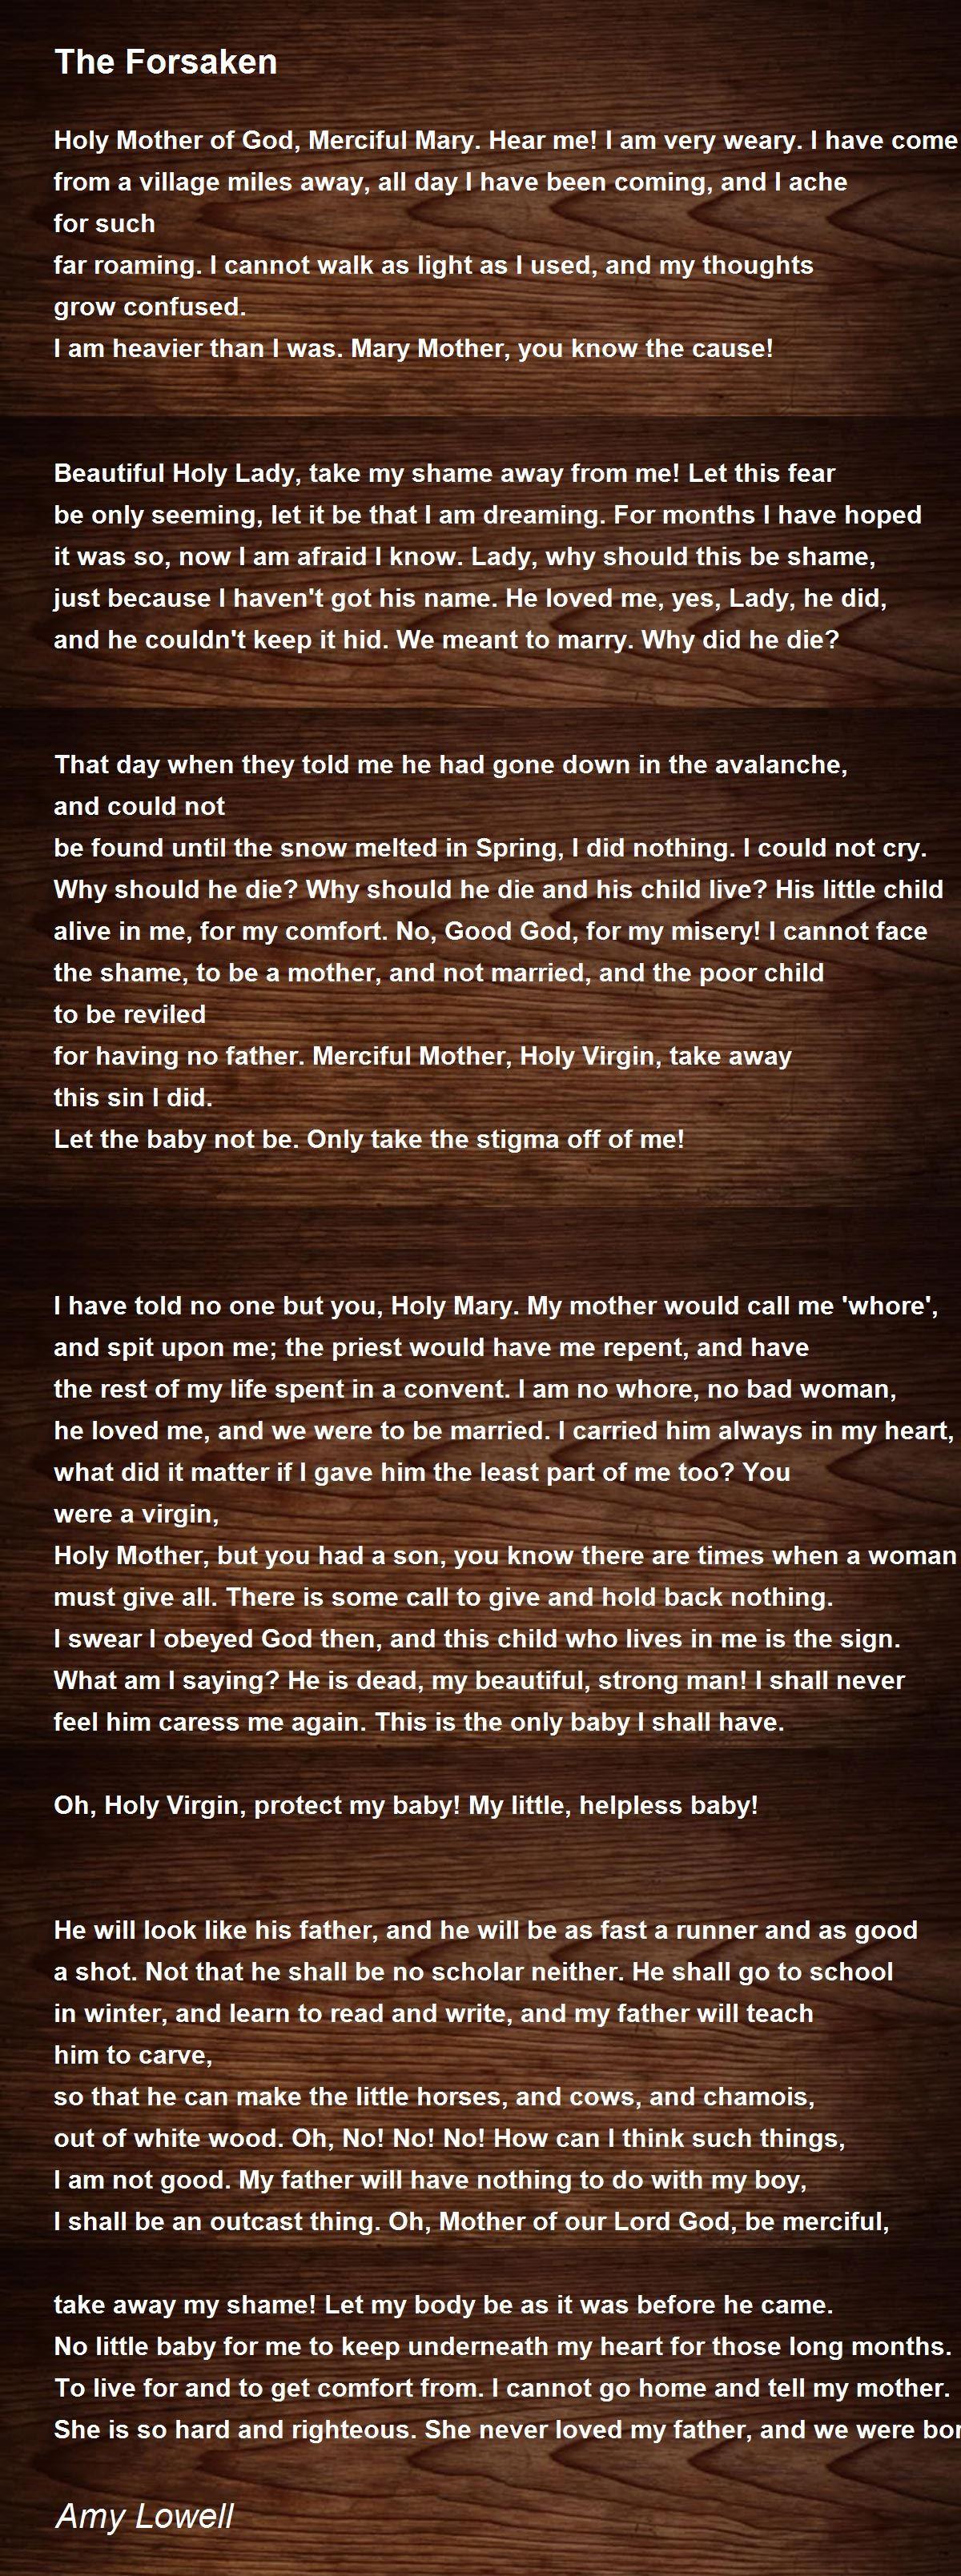 The Forsaken Poem by Amy Lowell - Poem Hunter